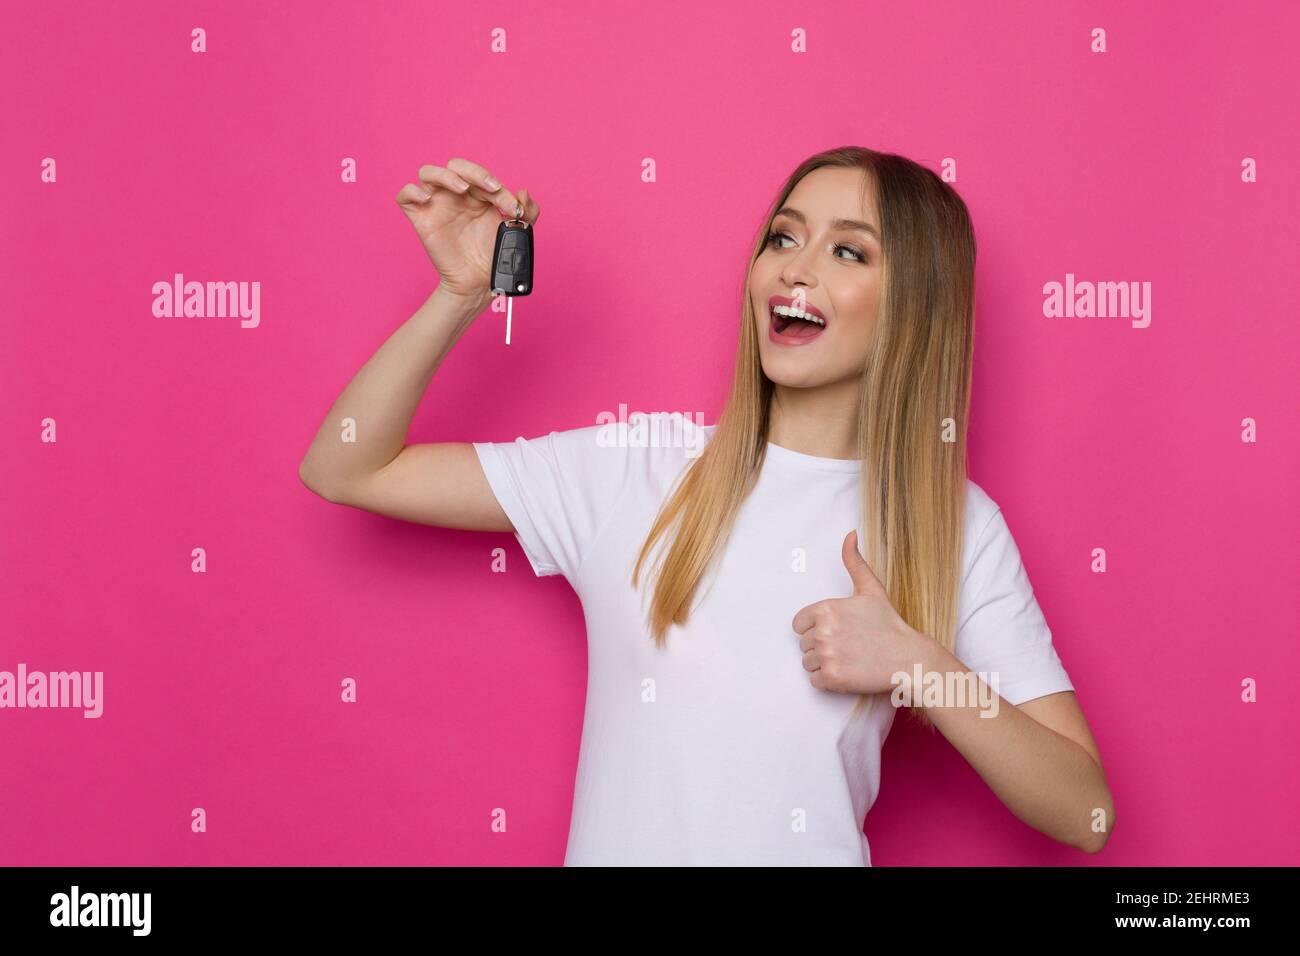 Felice giovane donna in camicia bianca sta tenendo la chiave dell'automobile, mostrando il pollice in su e parlando. Girata in casa su sfondo rosa. Foto Stock